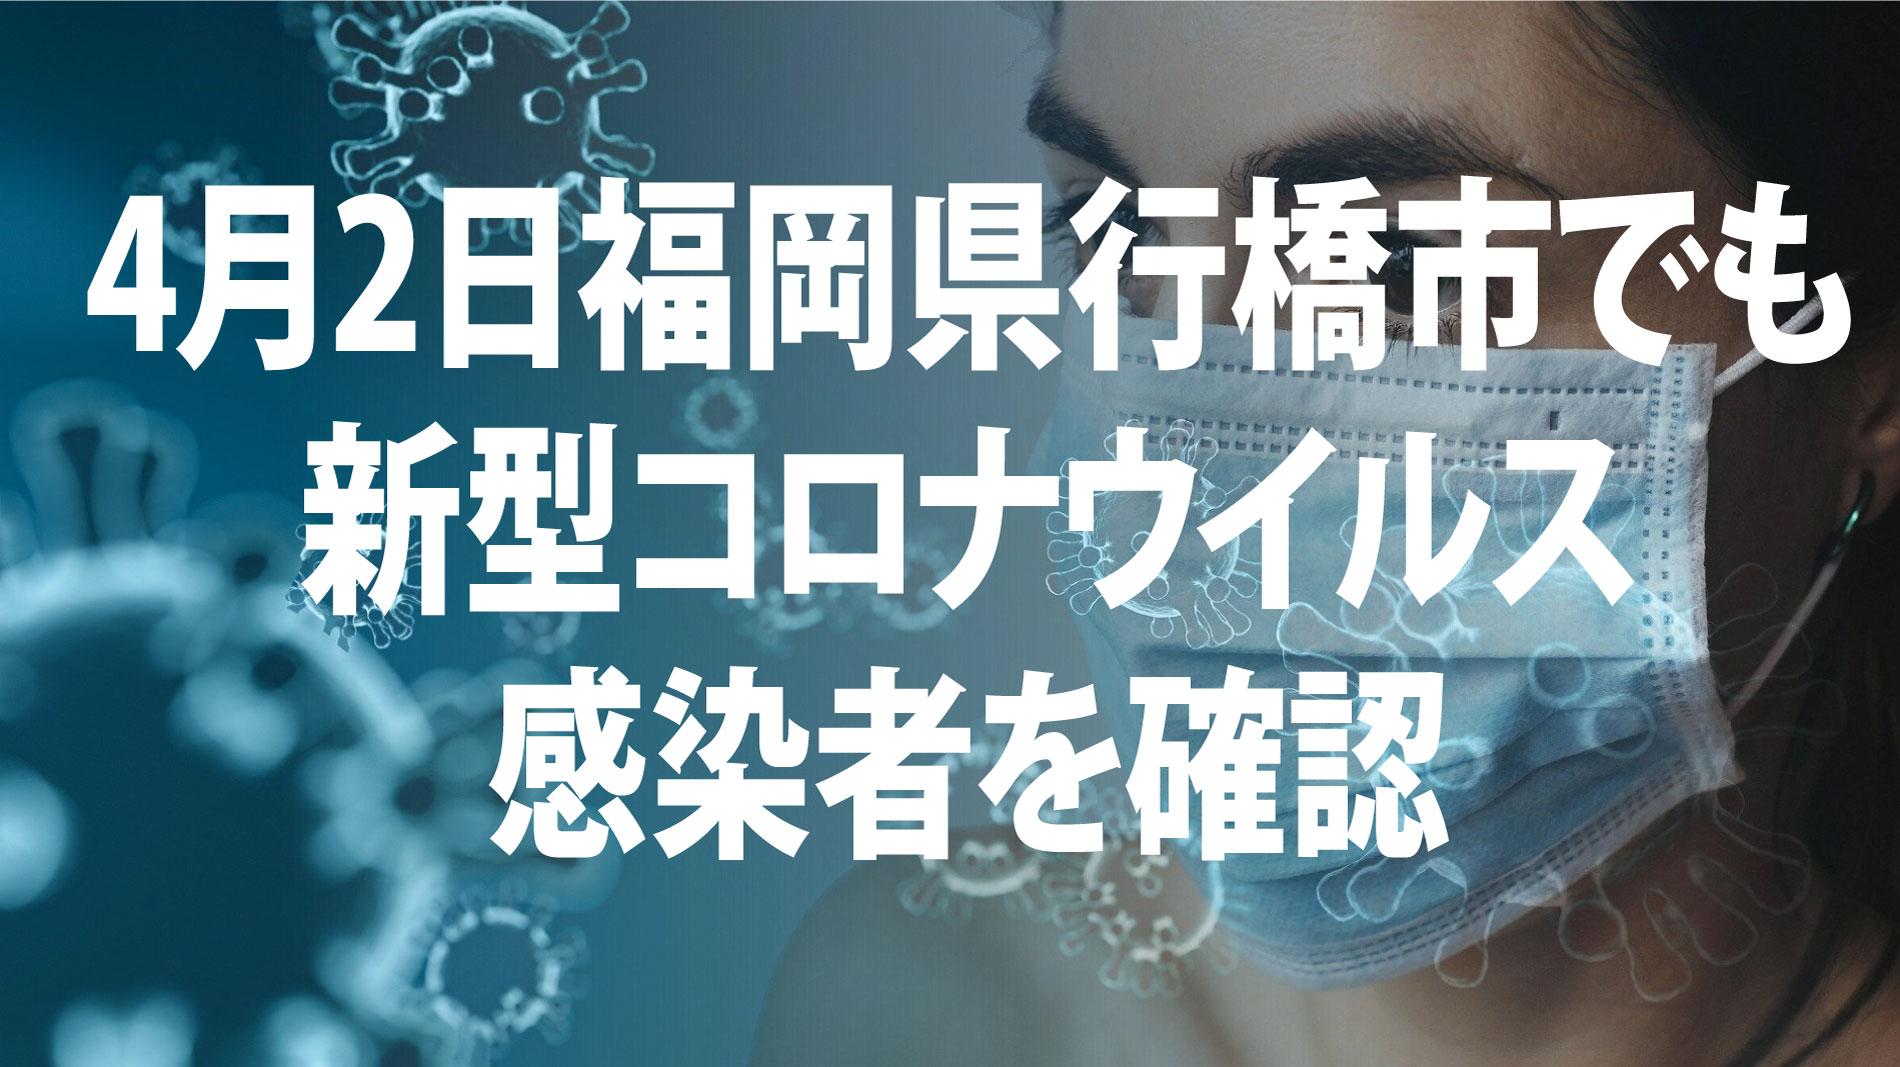 【速報】4月2日、行橋市でも新型コロナウイルス感染者1名を確認